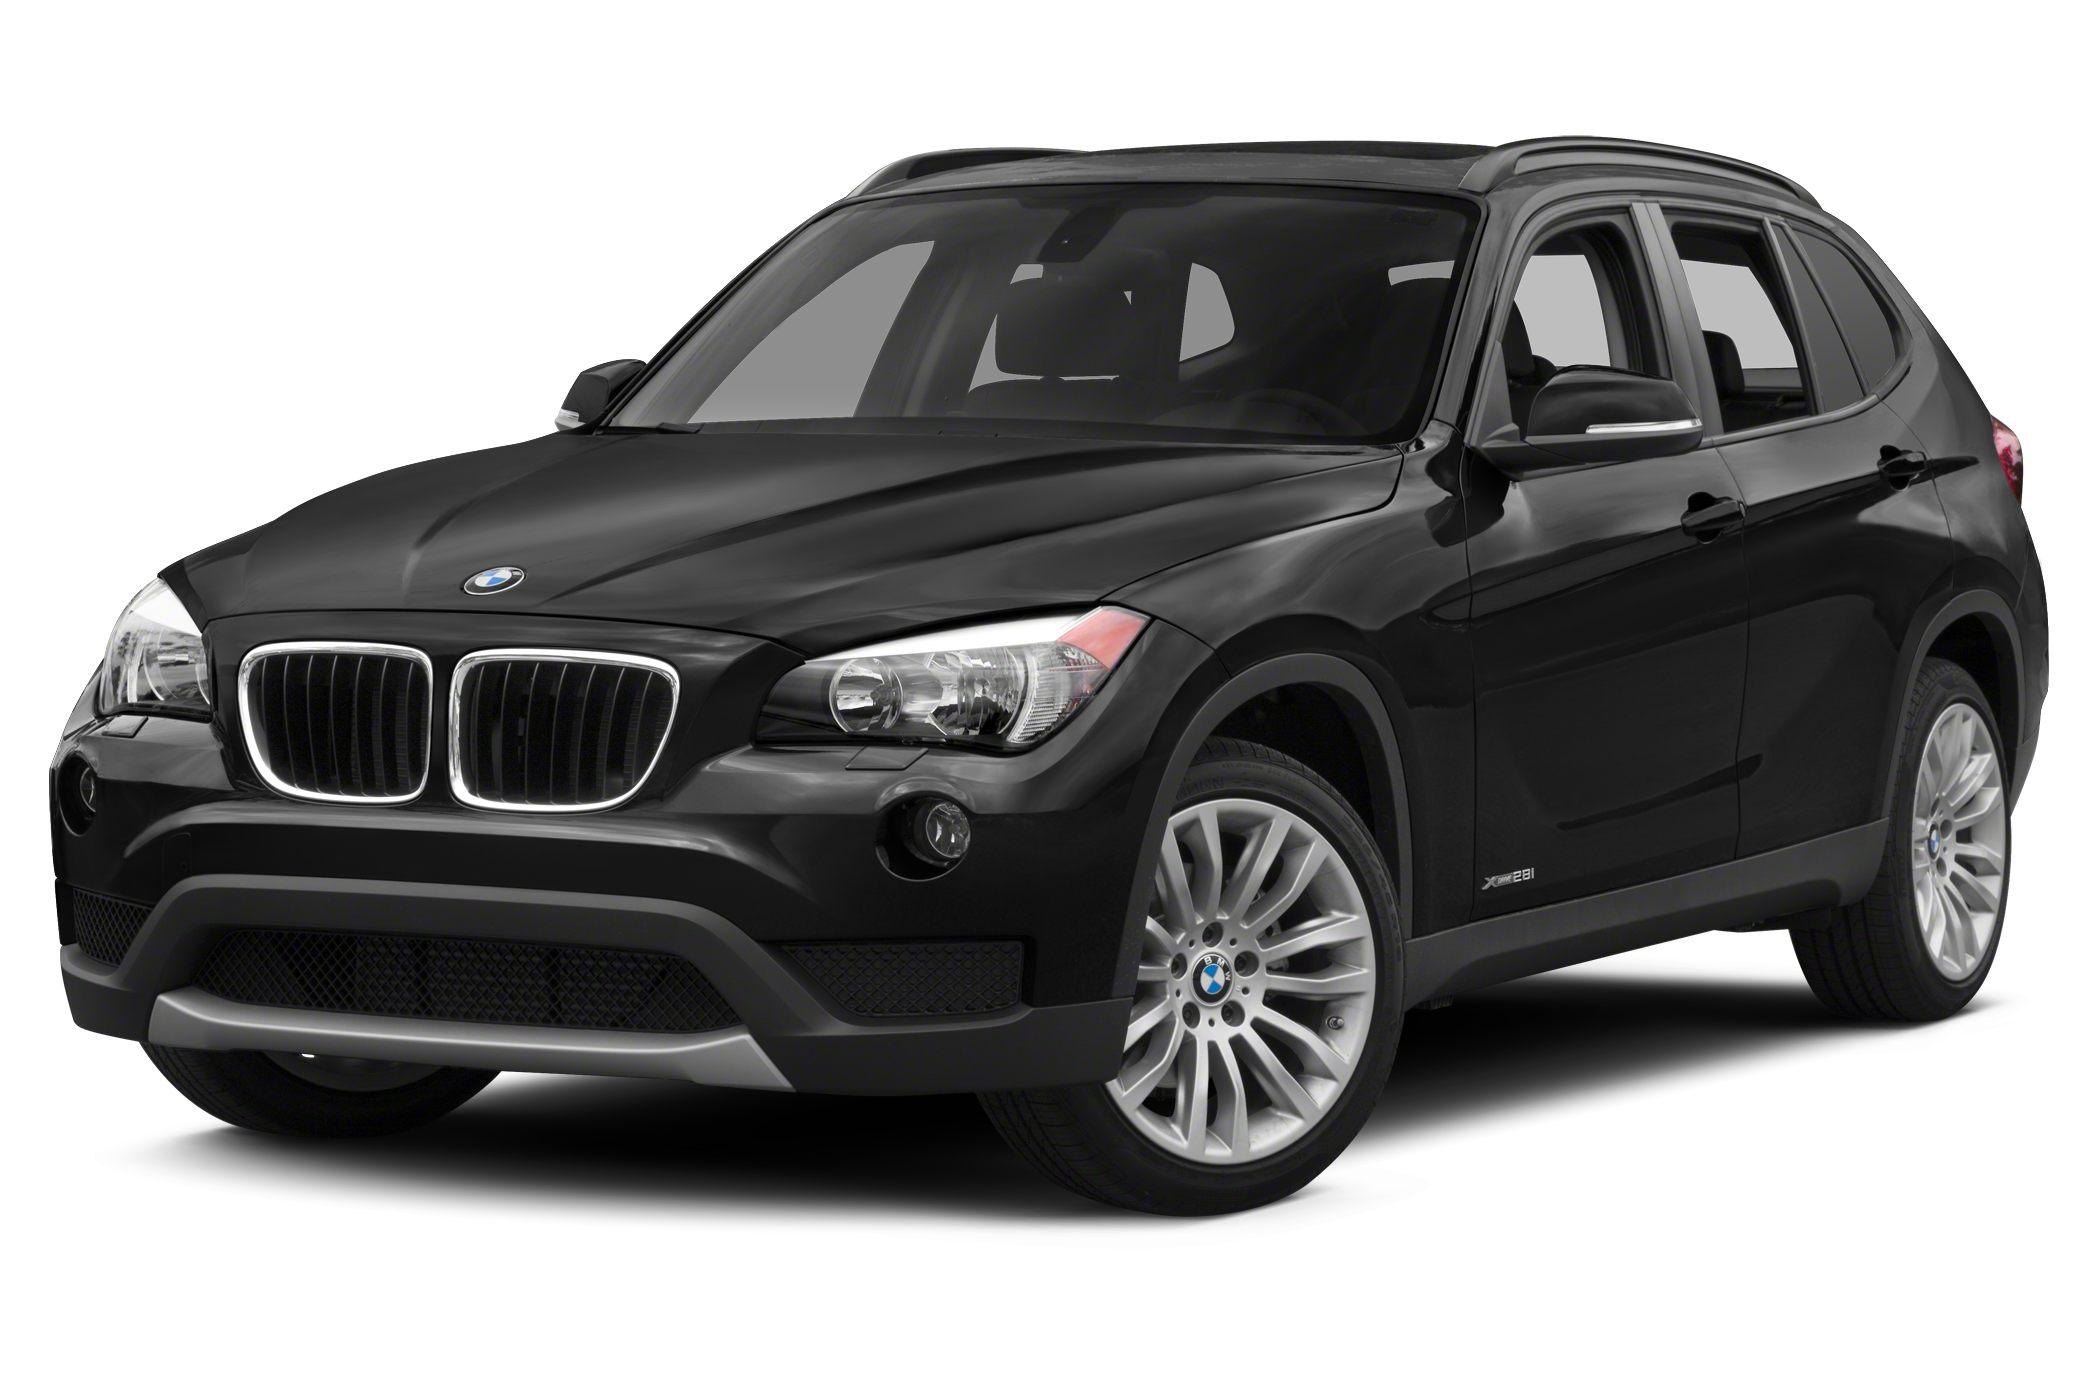 2015 Bmw X1 >> 2015 Bmw X1 New Car Test Drive